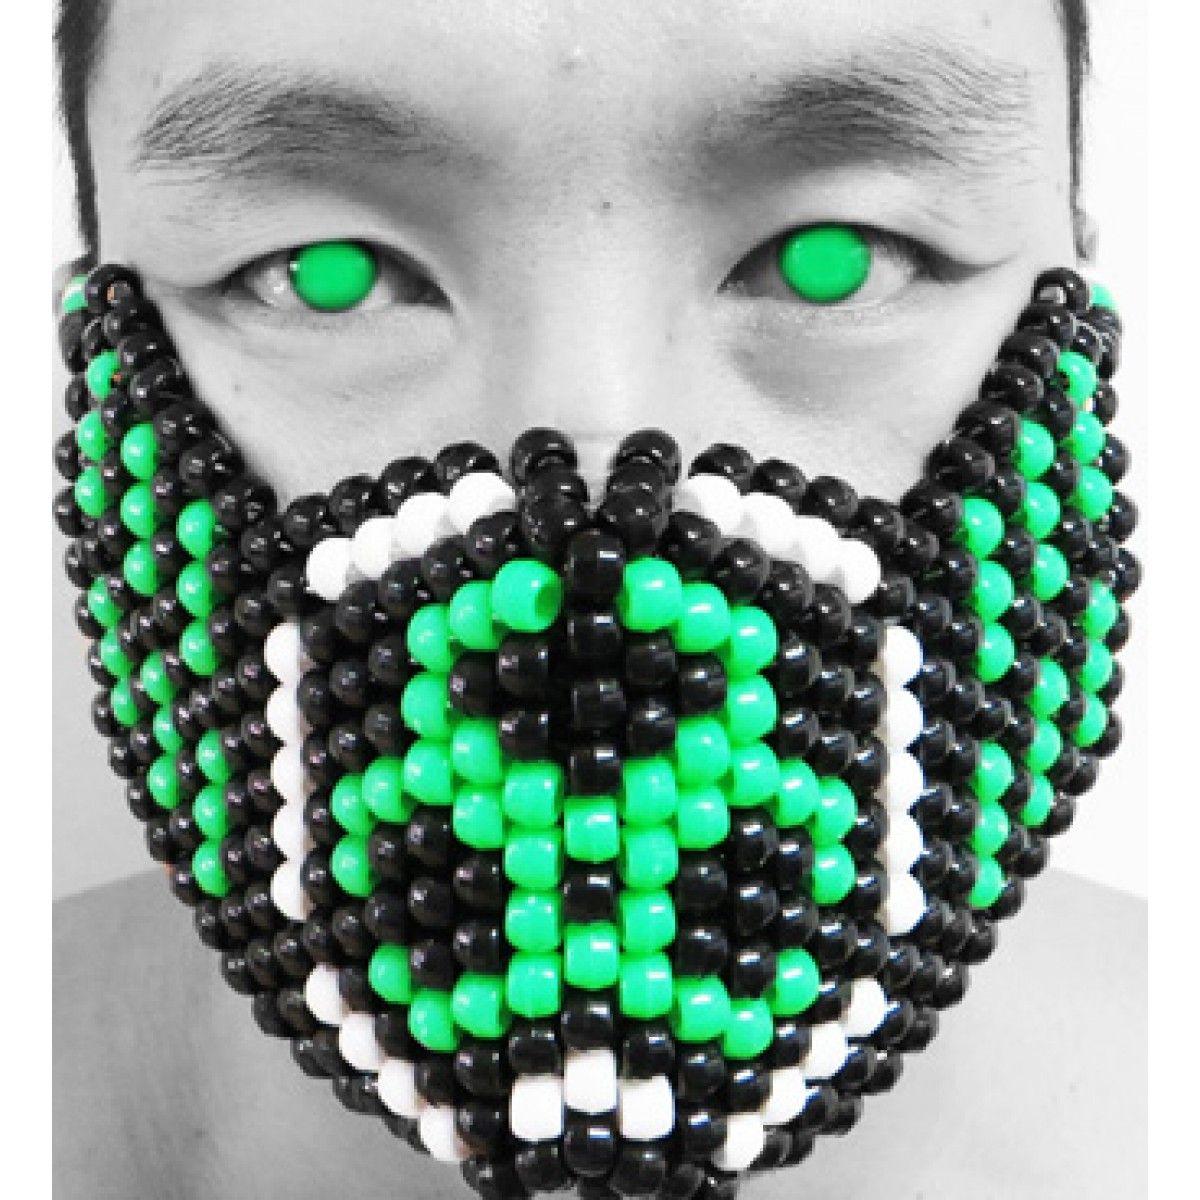 Biohazard Kandi Mask #biohazard #plur #edm #electricdaisycarnival #edc  #plurlife #